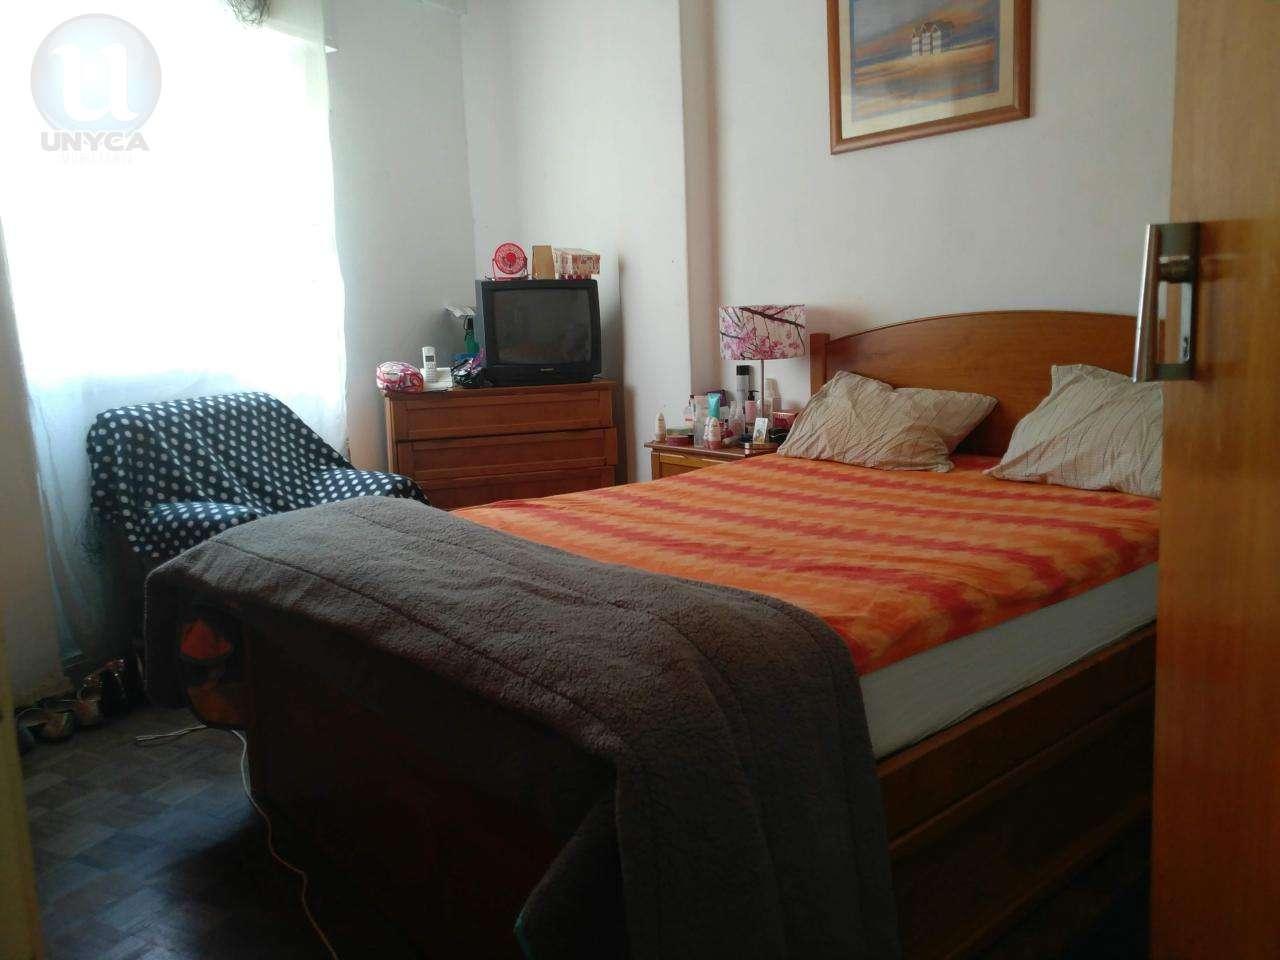 Apartamento para comprar, Águas Livres, Amadora, Lisboa - Foto 2